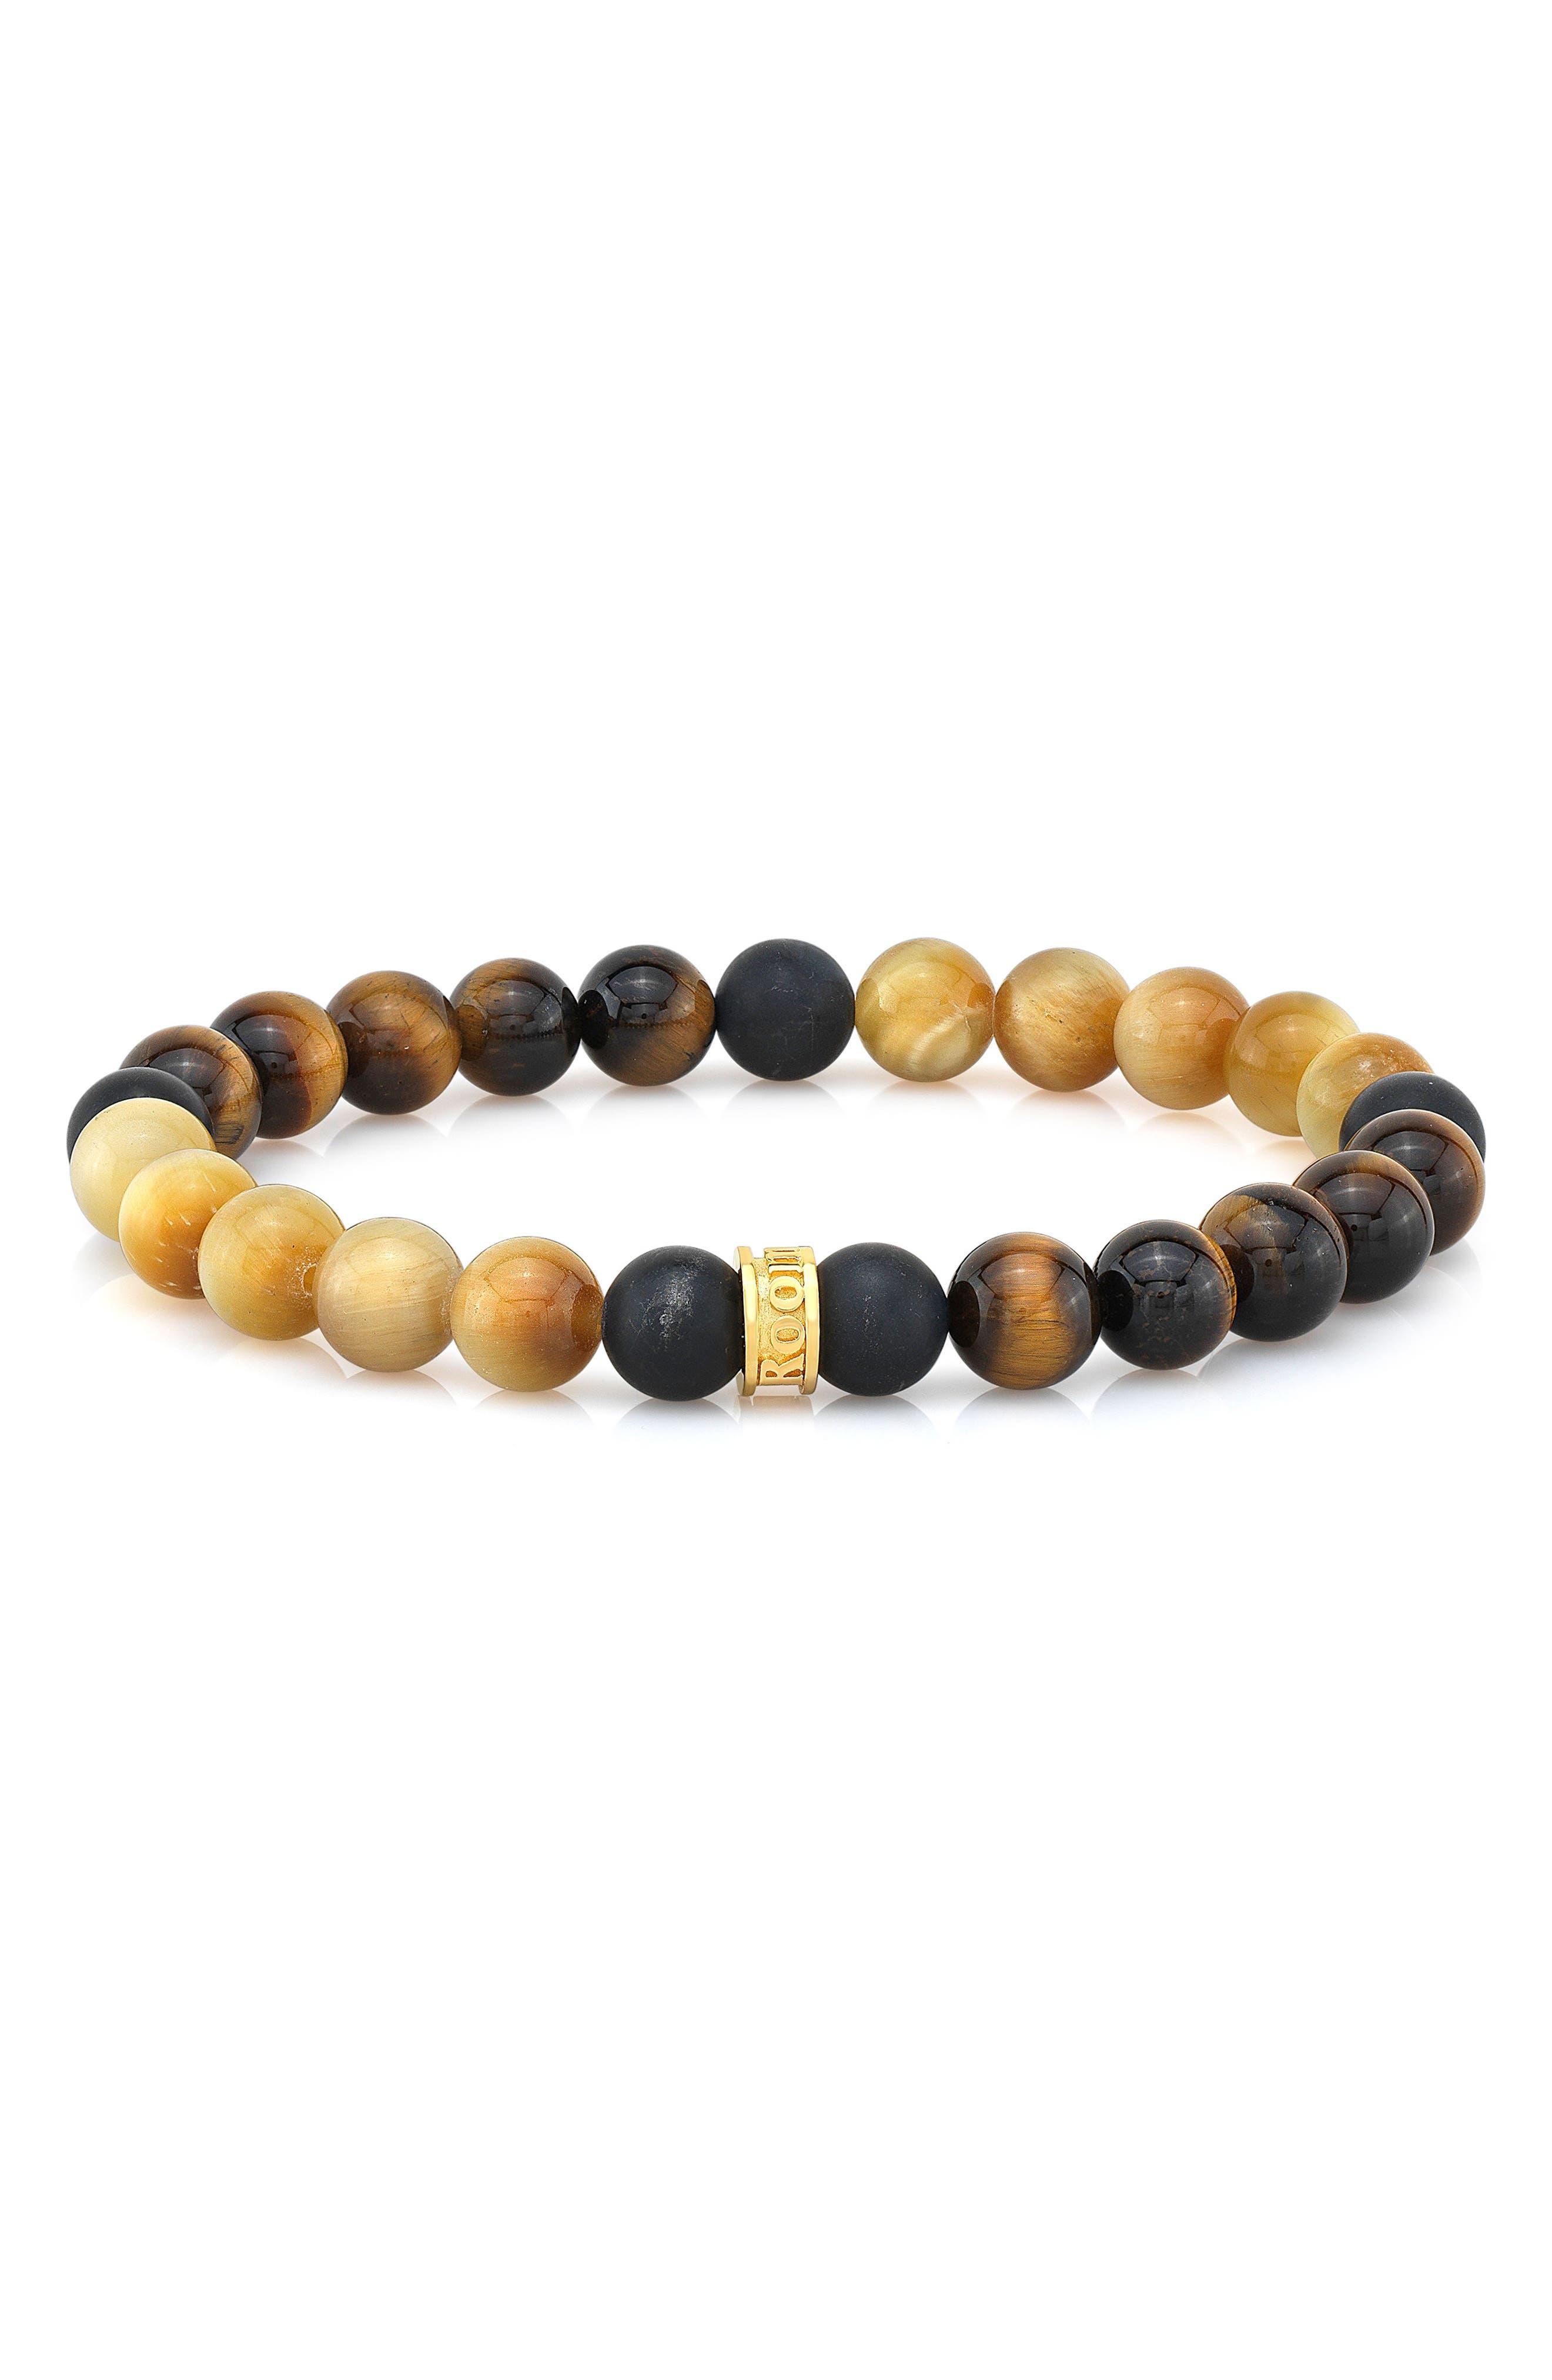 Tiger's Eye & Agate Bead Bracelet,                         Main,                         color, Gold/ Brown/ Black